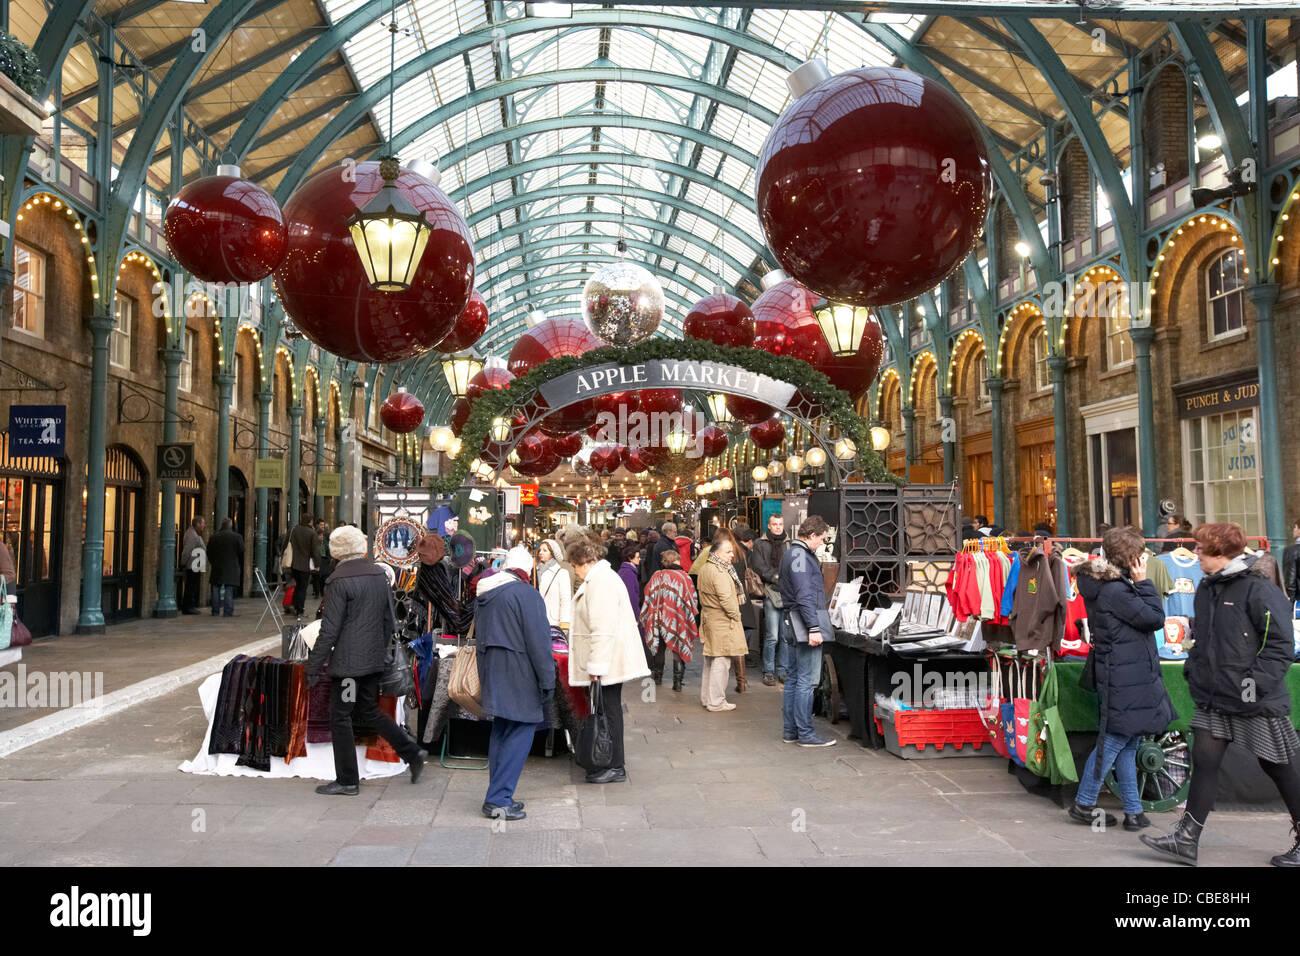 die apple markt covent garden weihnachts shopping london england vereinigtes konigreich grossbritannien